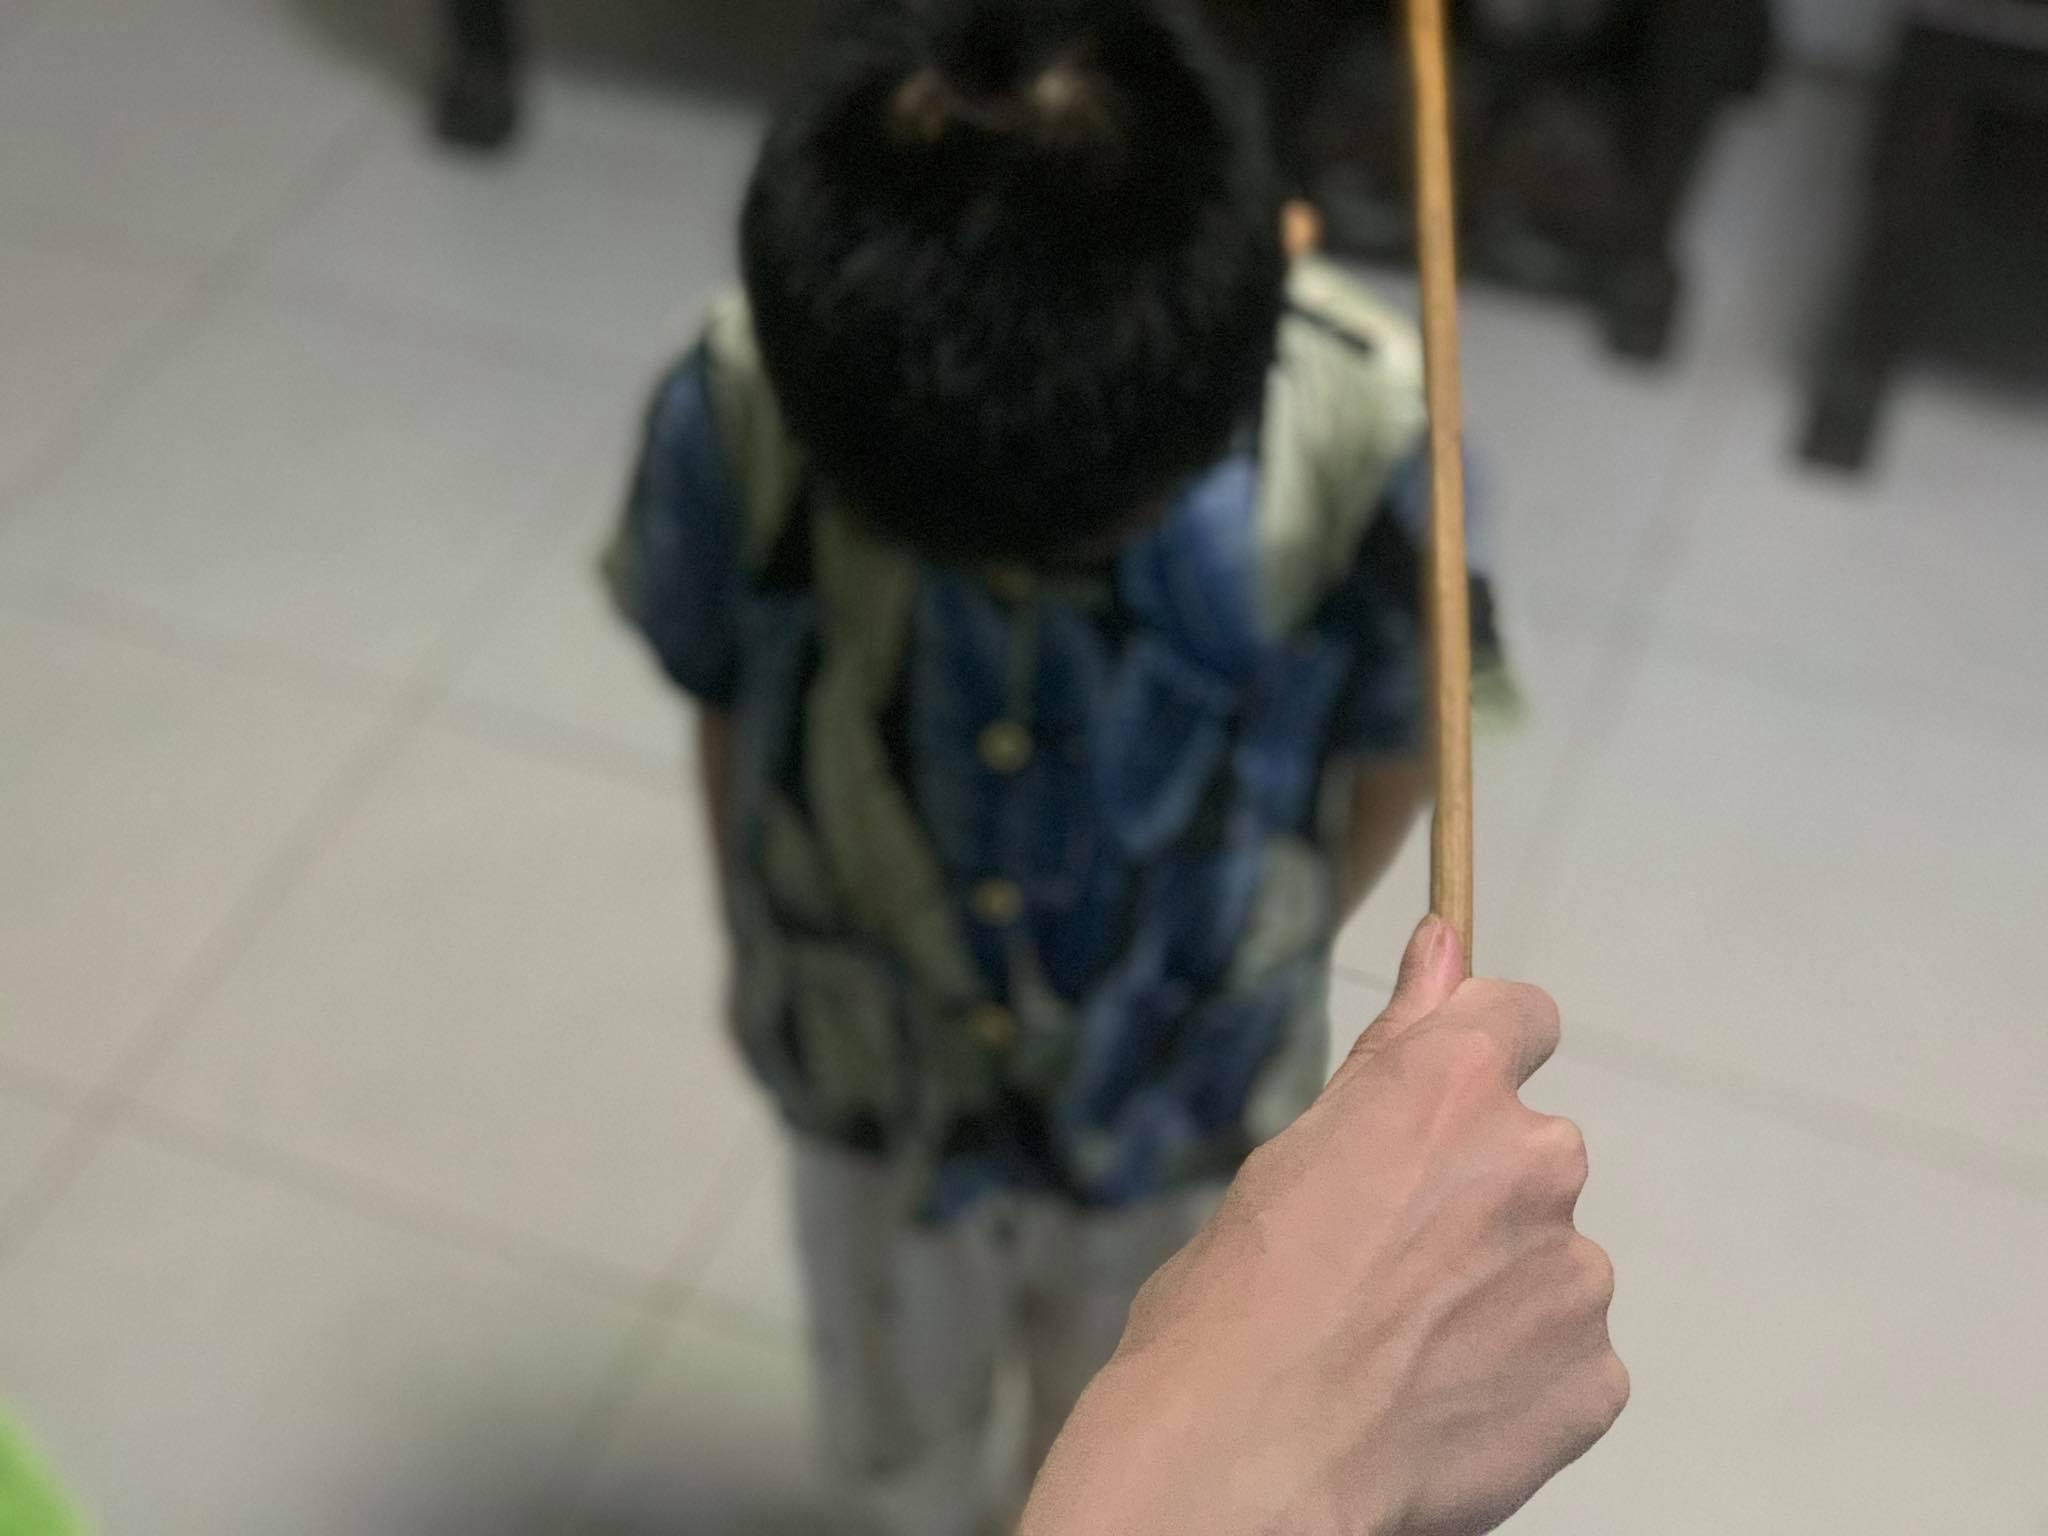 Điều 2 Luật phòng, chống bạo lực gia đình 2007 cấm hành vi bạo lực xâm phạm đến sức khoẻ của trẻ. Ảnh: Phương Anh